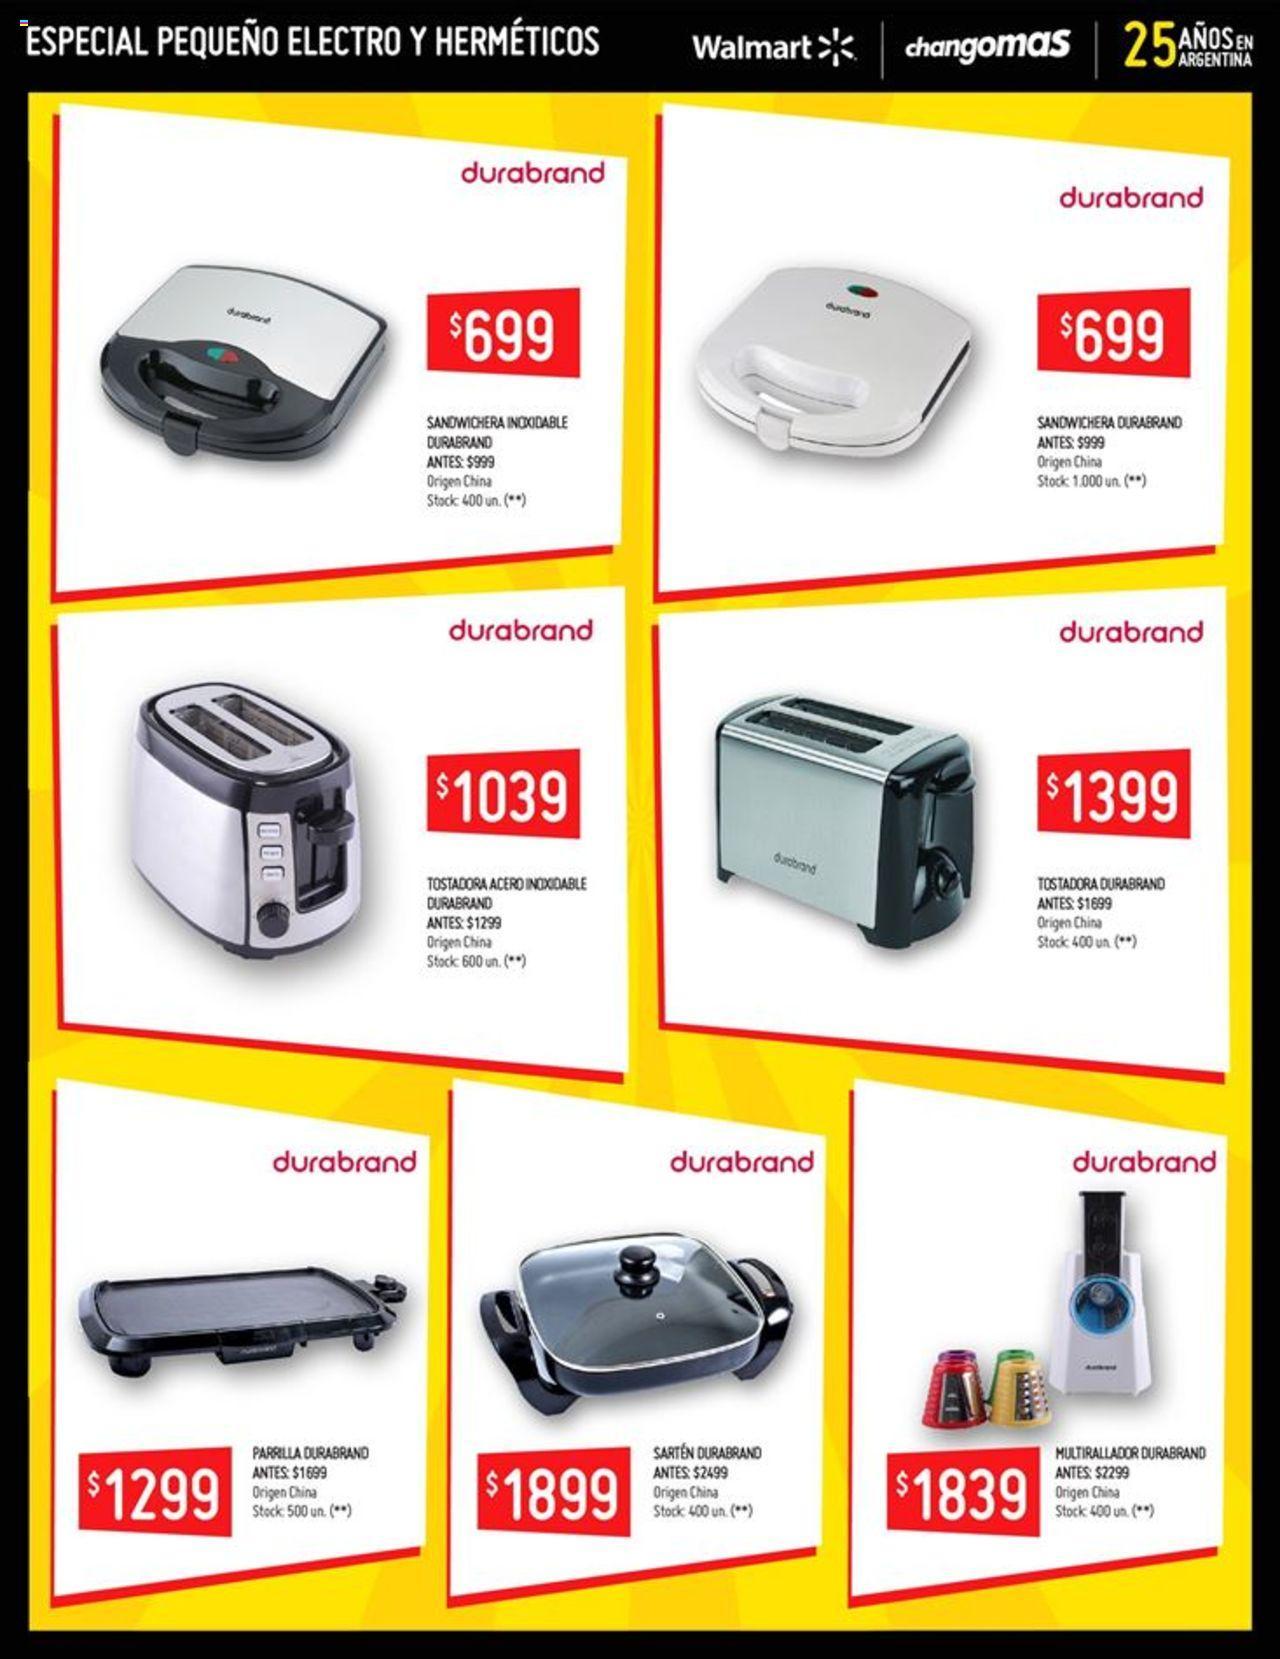 Changomas Promociones válido desde el 05/03/2020 número de página 1 | Página: 2